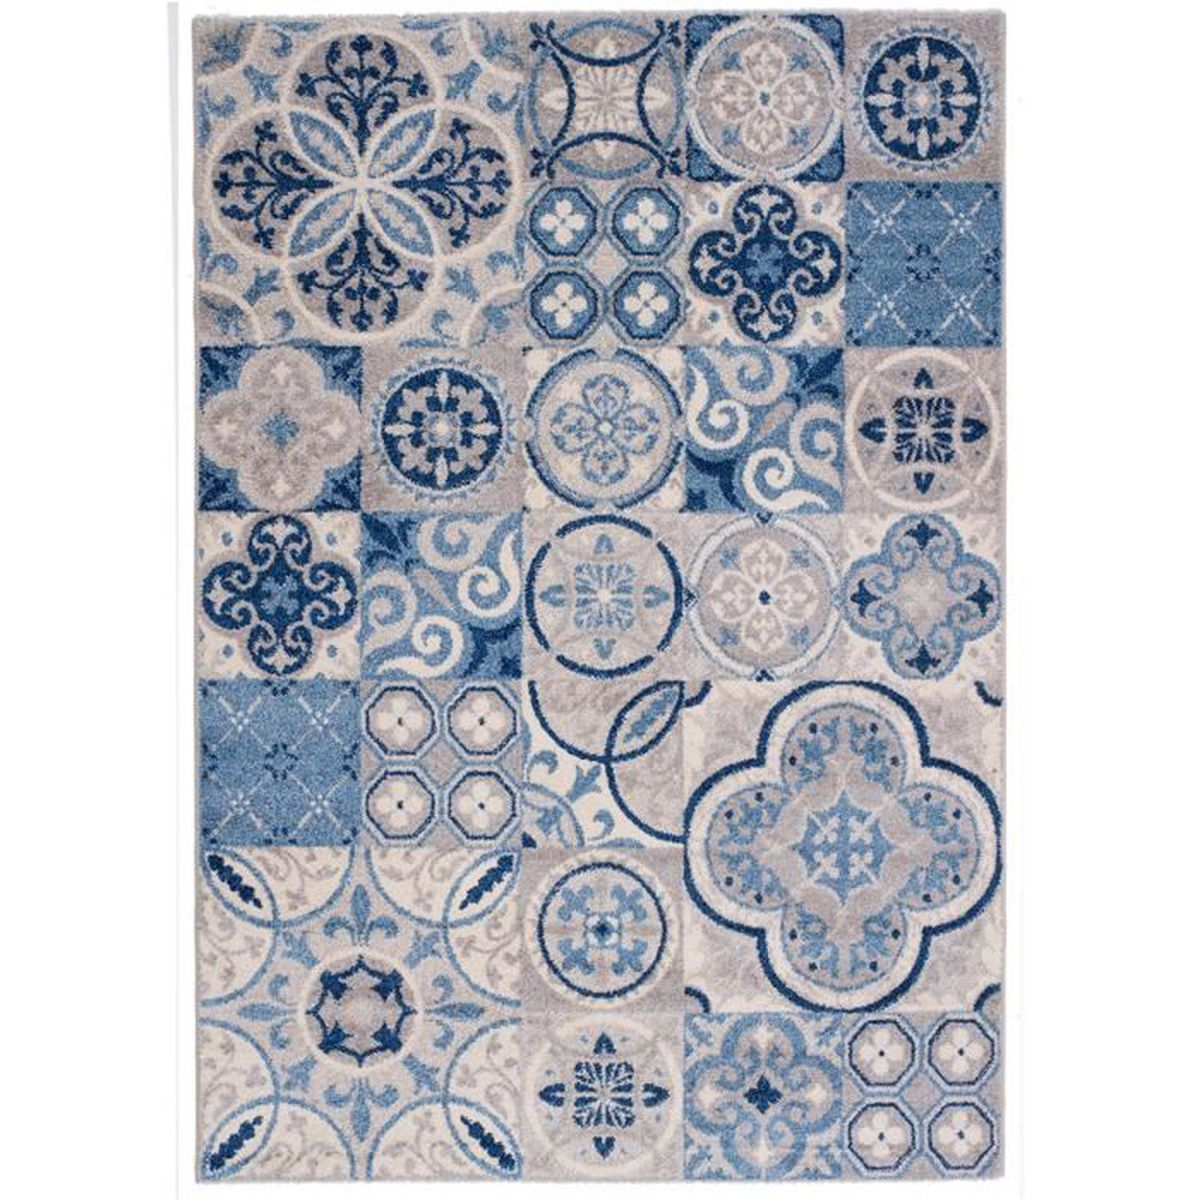 Tapis Effet Carreaux De Ciment karo tapis 160x230cm effet carreaux de ciment - achat